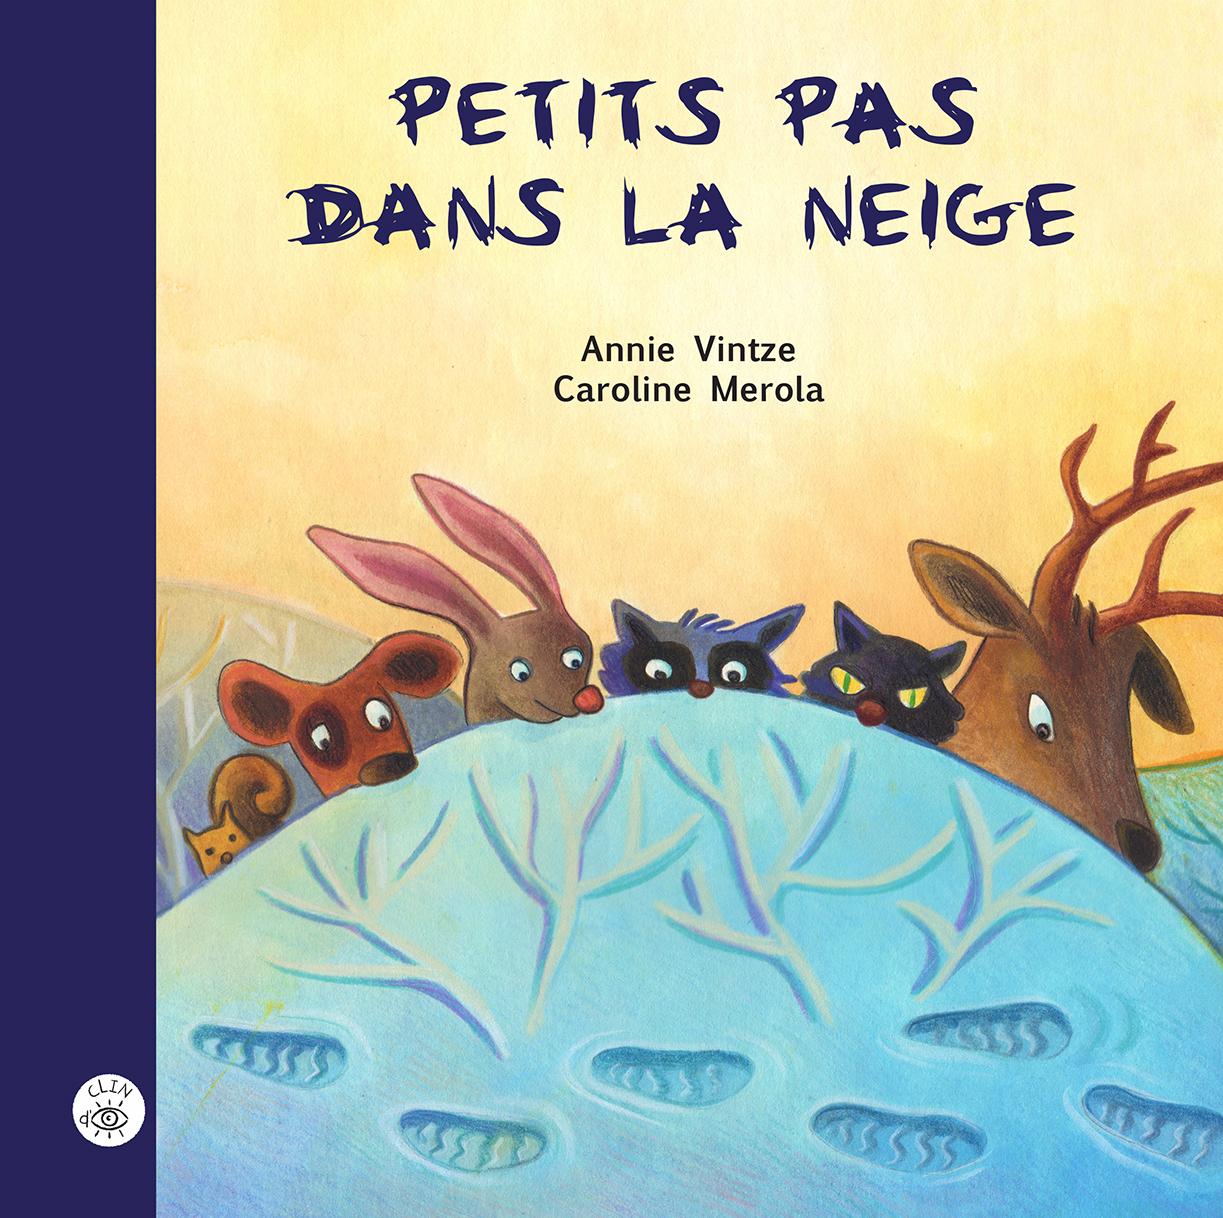 Petits pas dans la neige - Éditions de Isatis